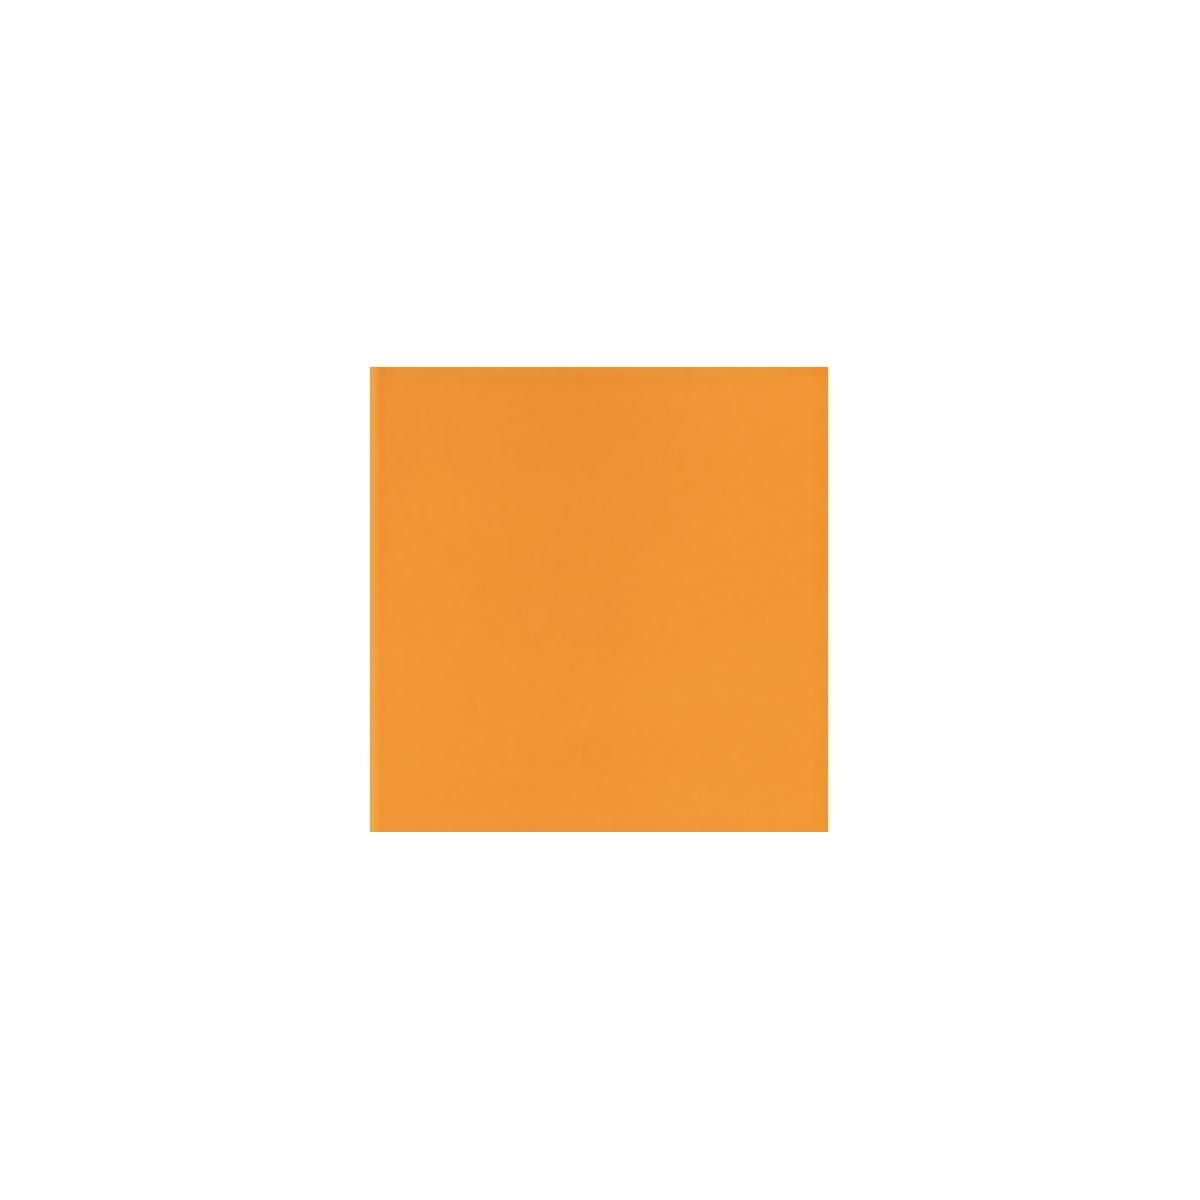 Color Arancio Brillo - Colección Colores Brillo - Marca Mainzu